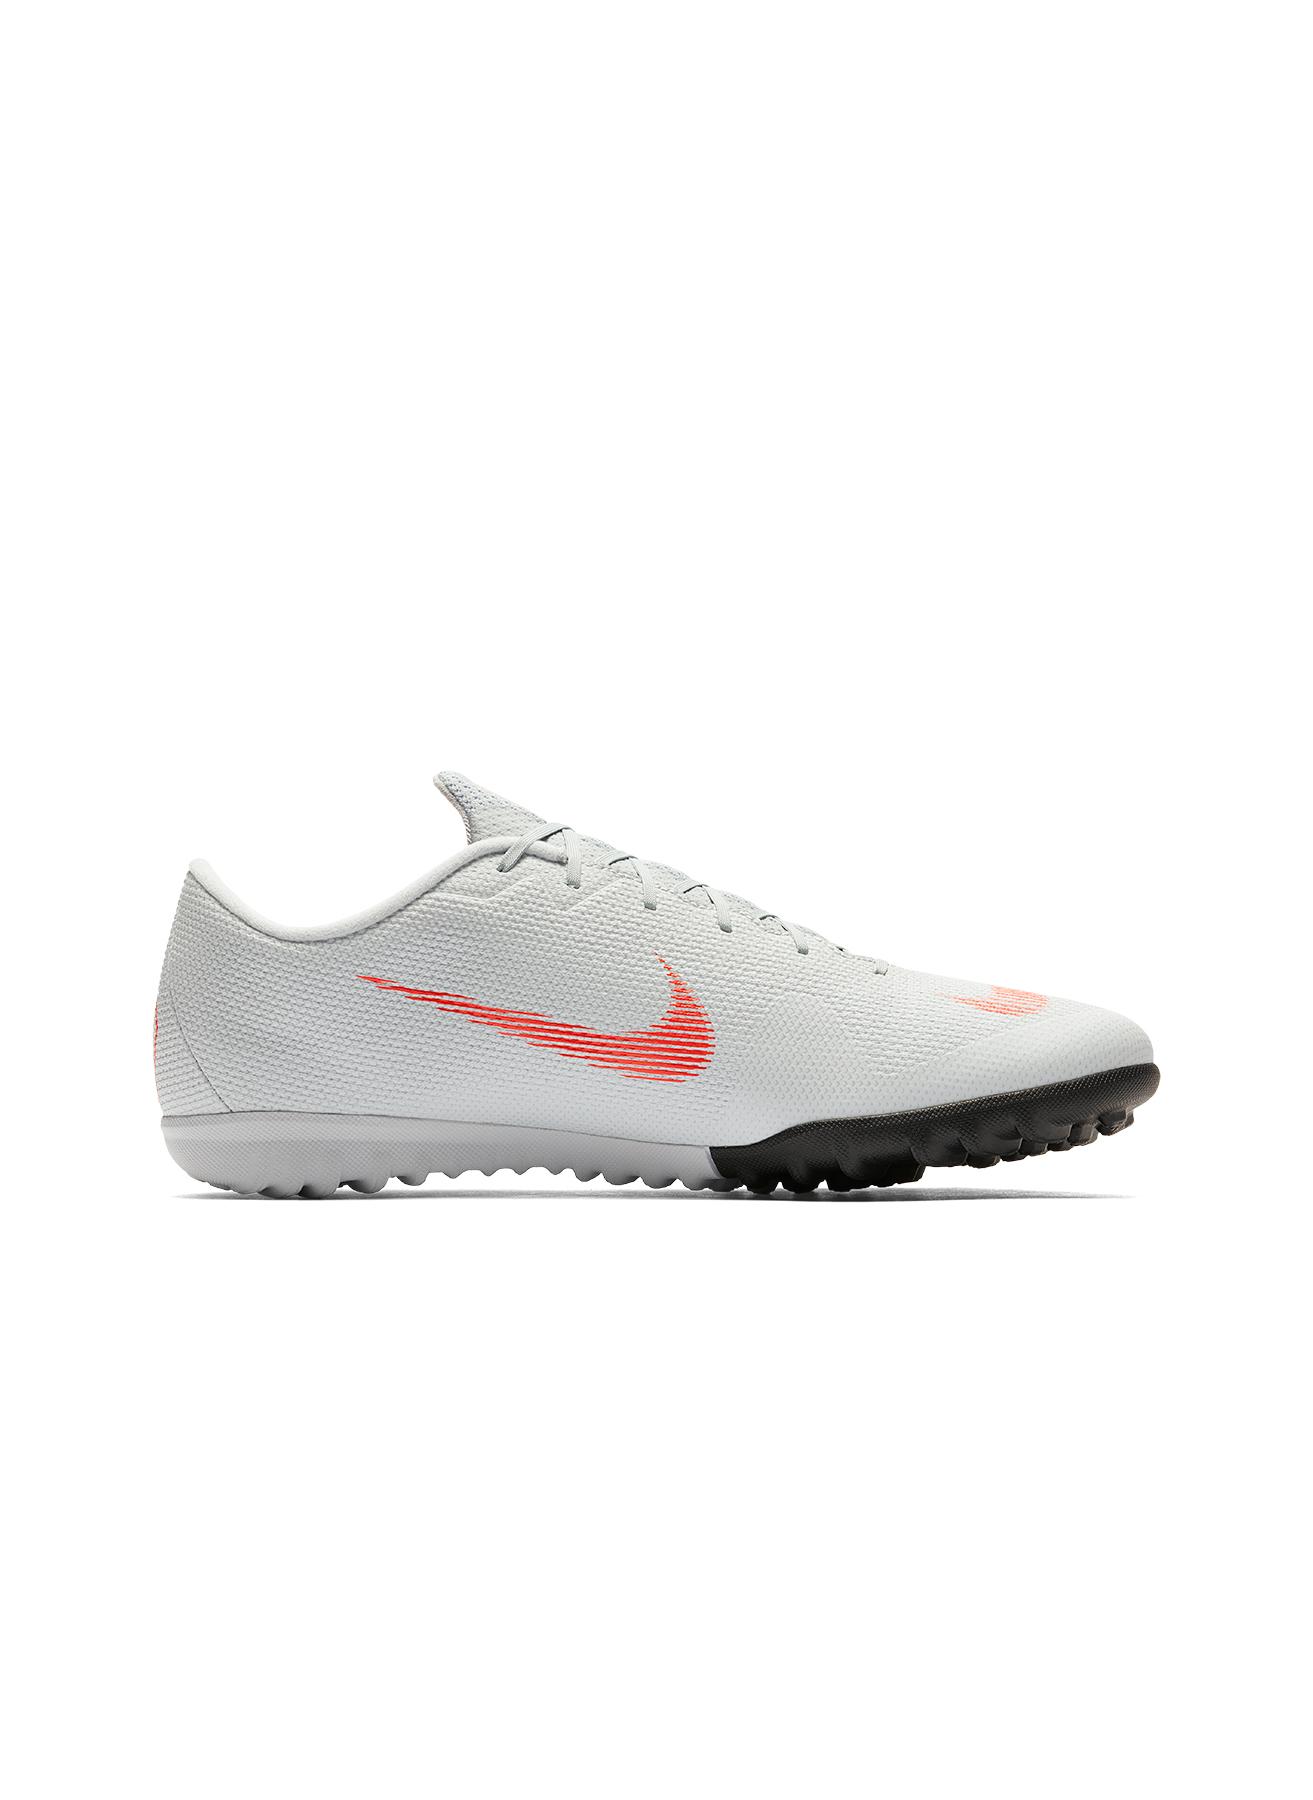 Nike VaporX 12 Academy TF Futbol Ayakkabısı 43 5001635078005 Ürün Resmi